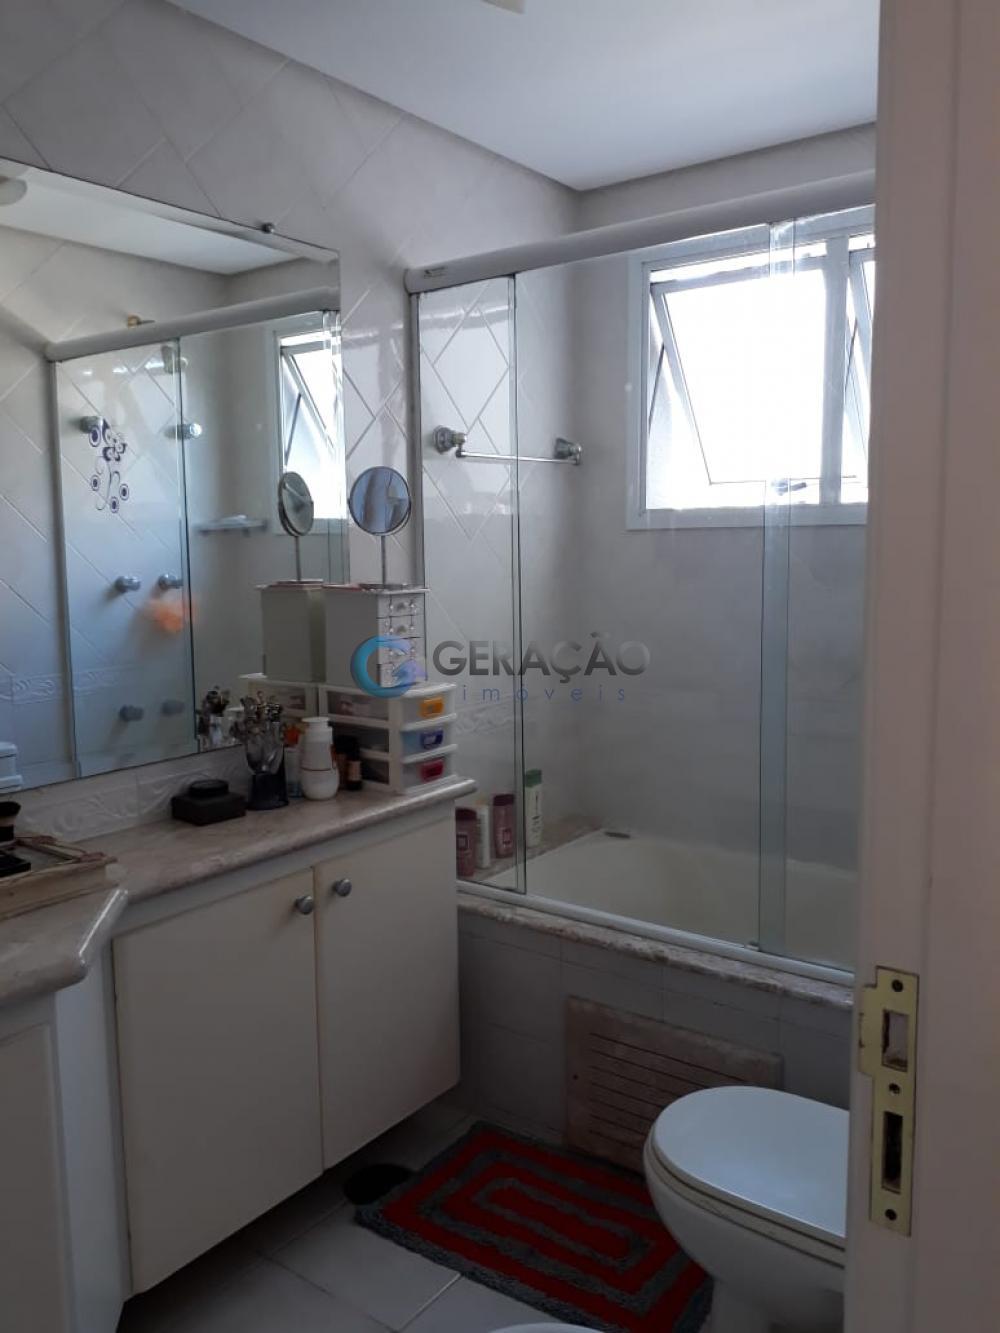 Comprar Apartamento / Padrão em São José dos Campos apenas R$ 670.000,00 - Foto 18